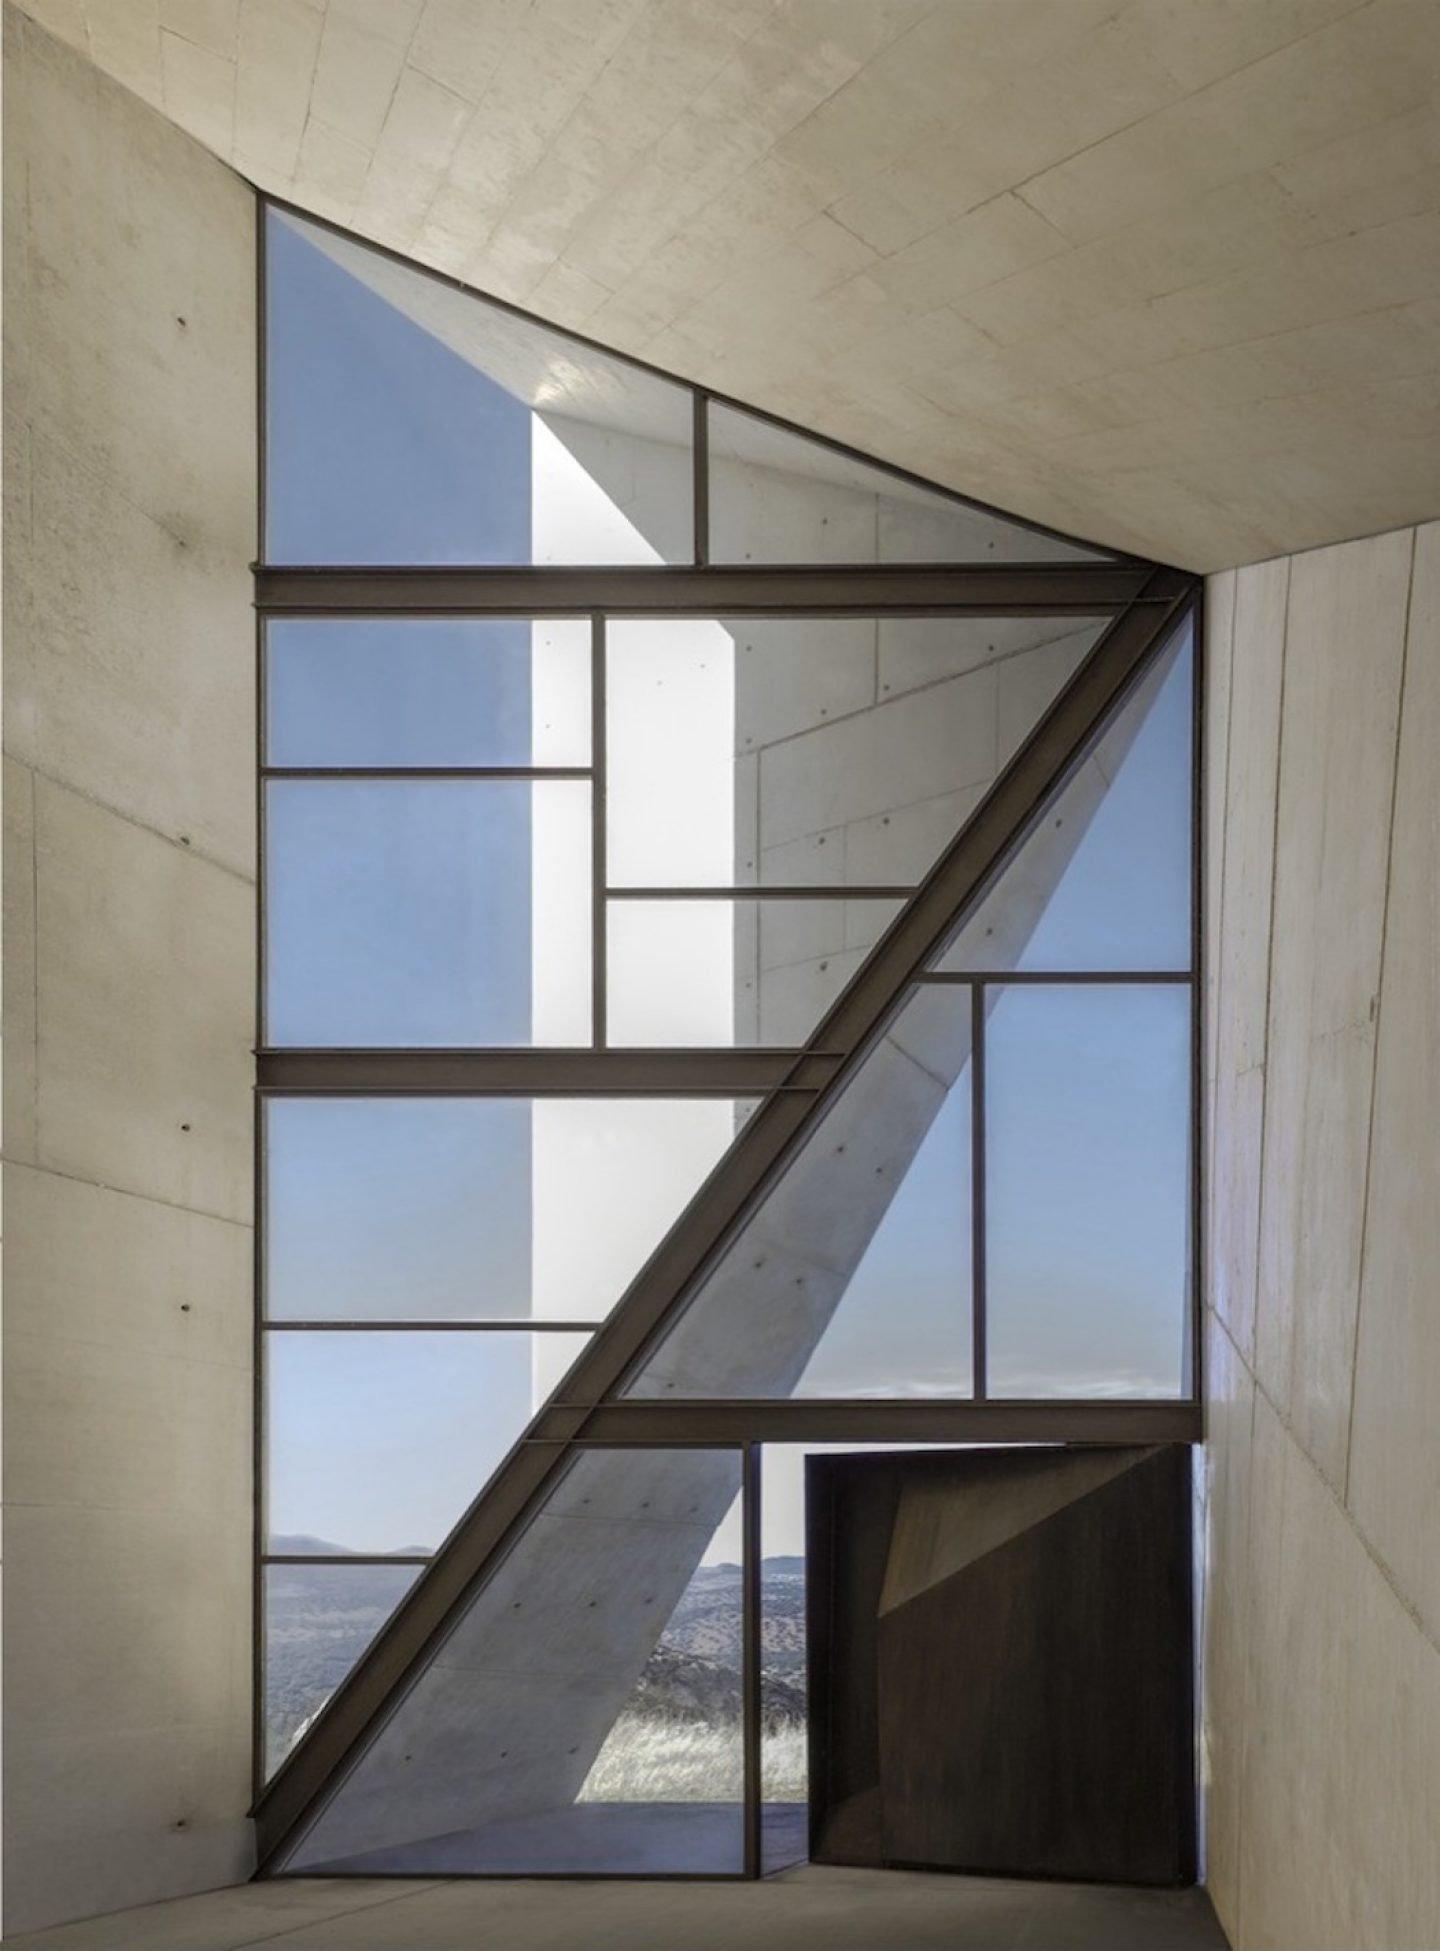 architecture_chapelvalleaceron_sanchomadrilejos_2